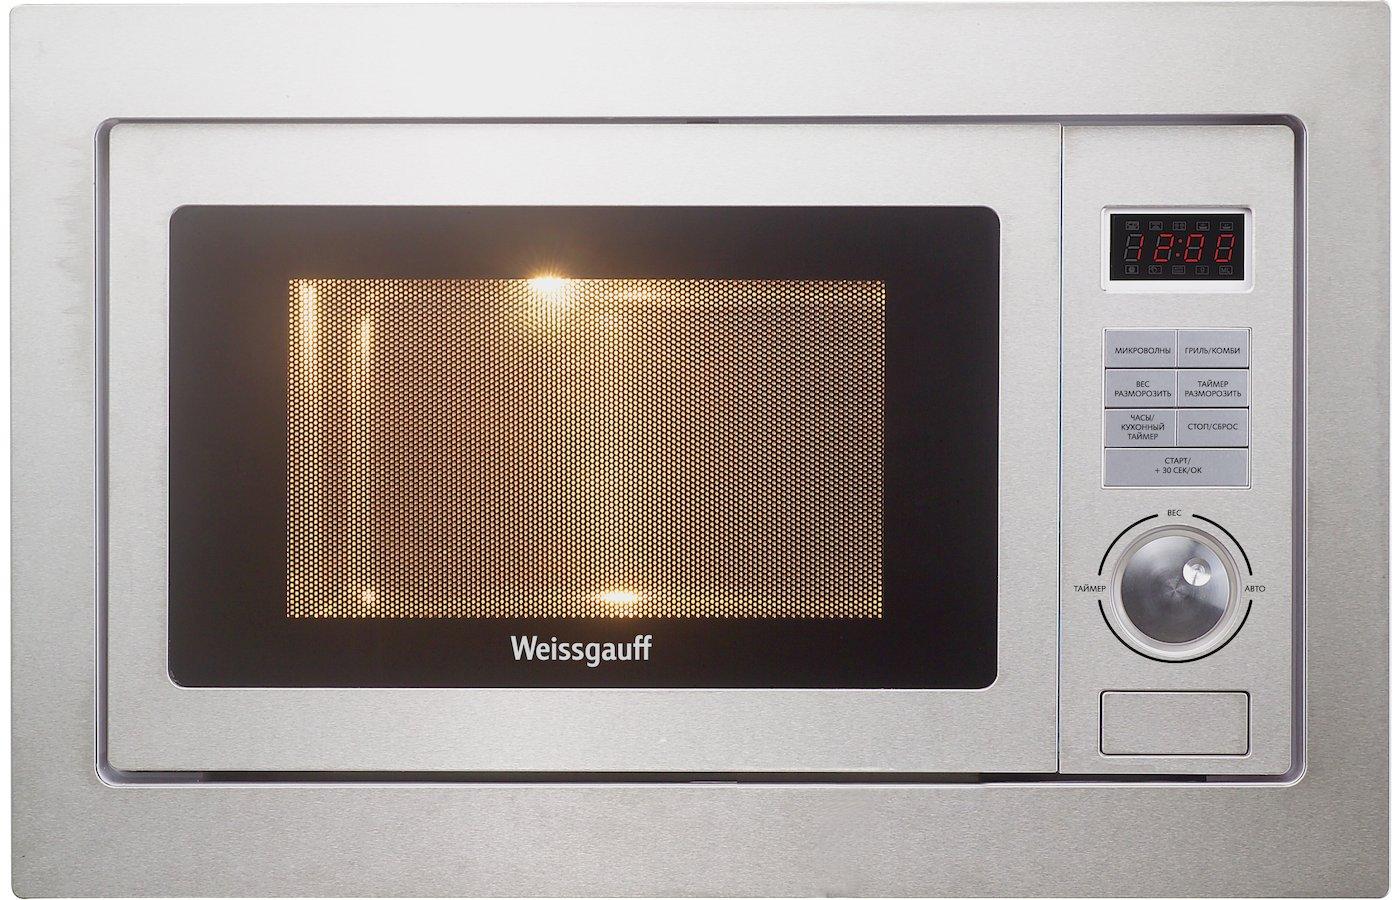 Встраиваемая микроволновая печь WEISSGAUFF HMT-555